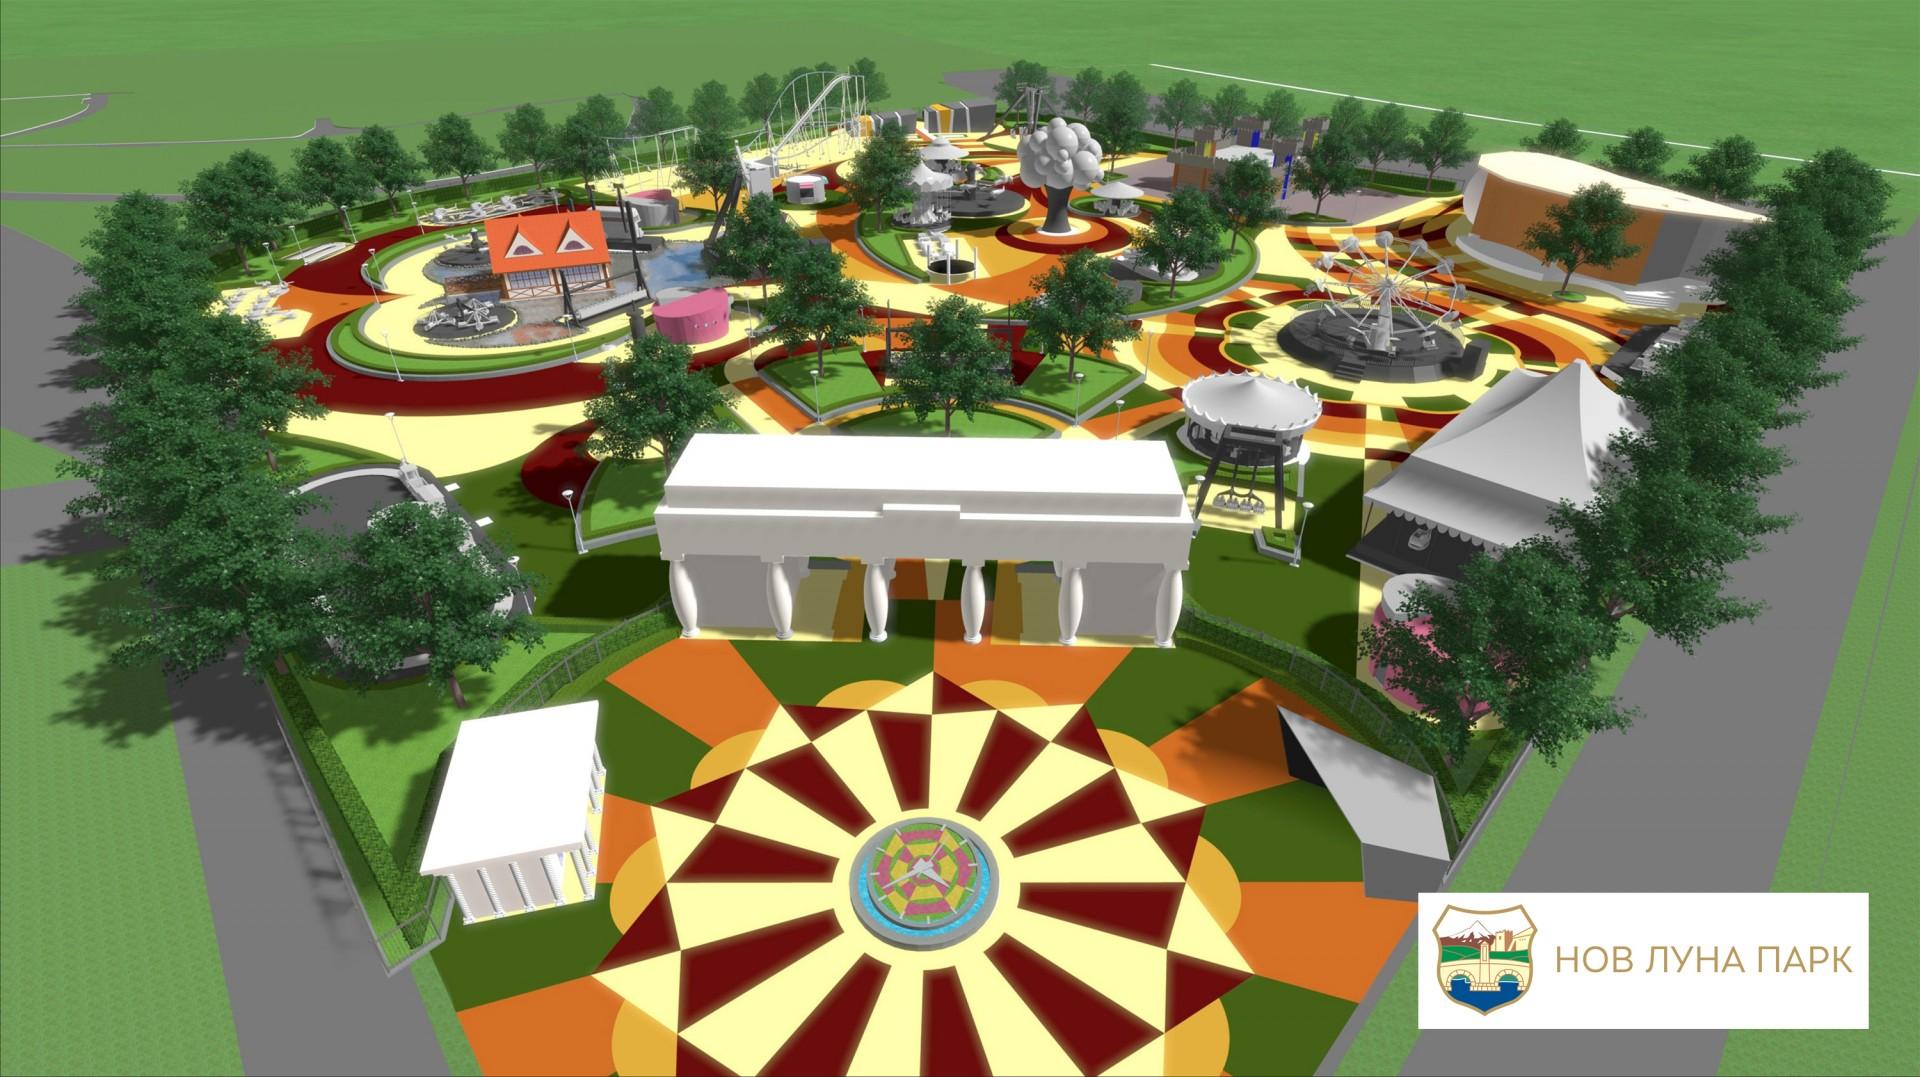 Град Скопје ќе потроши 6 5 милиони евра за нов парк на местото на стариот Луна парк